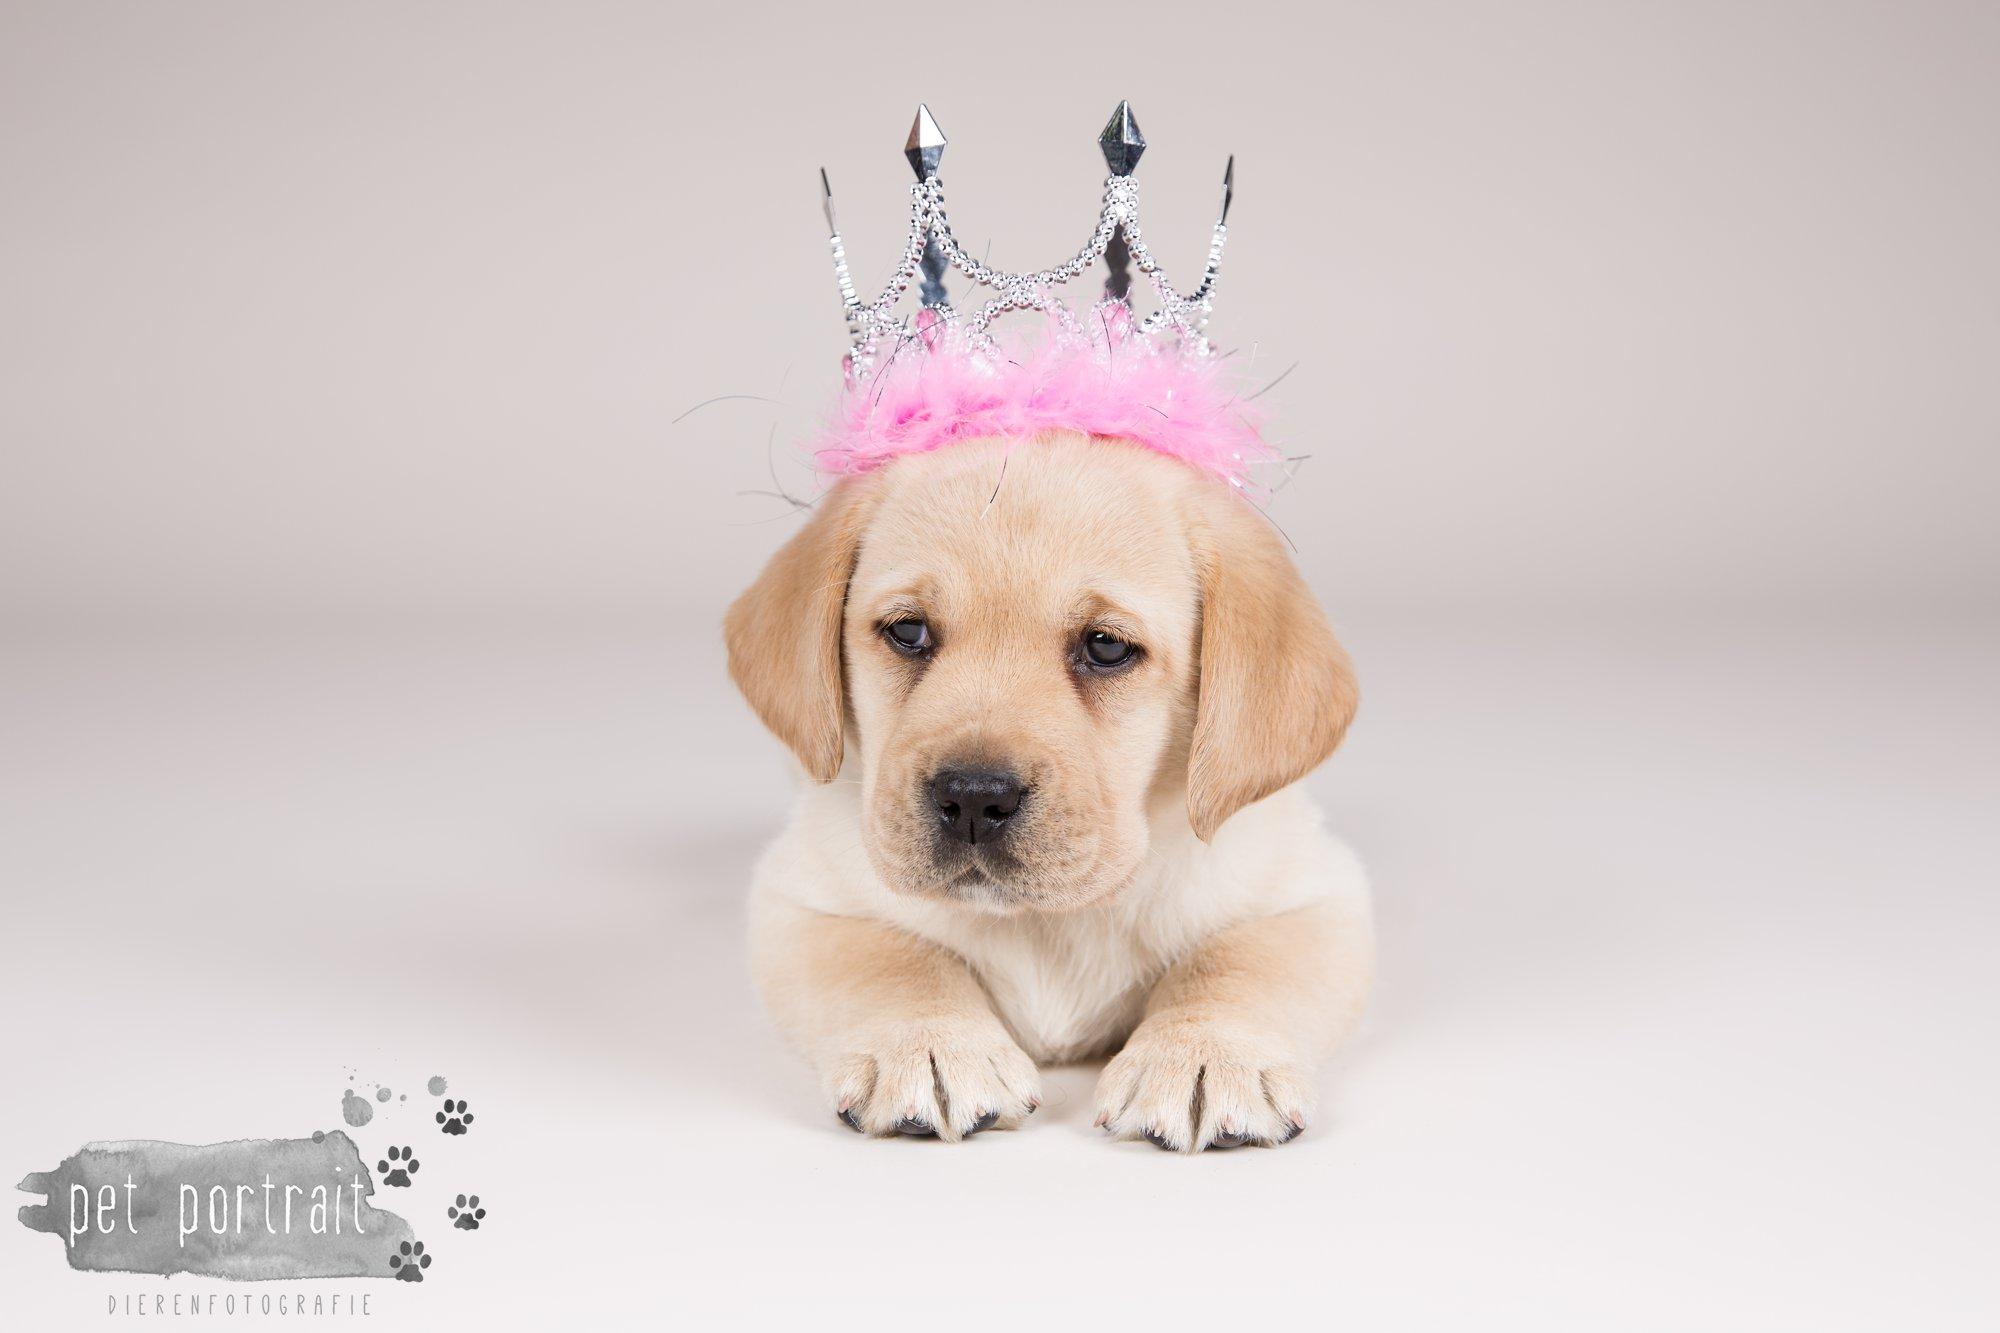 Hondenfotograaf Hillegom - Nestfotoshoot voor Labrador pups-17